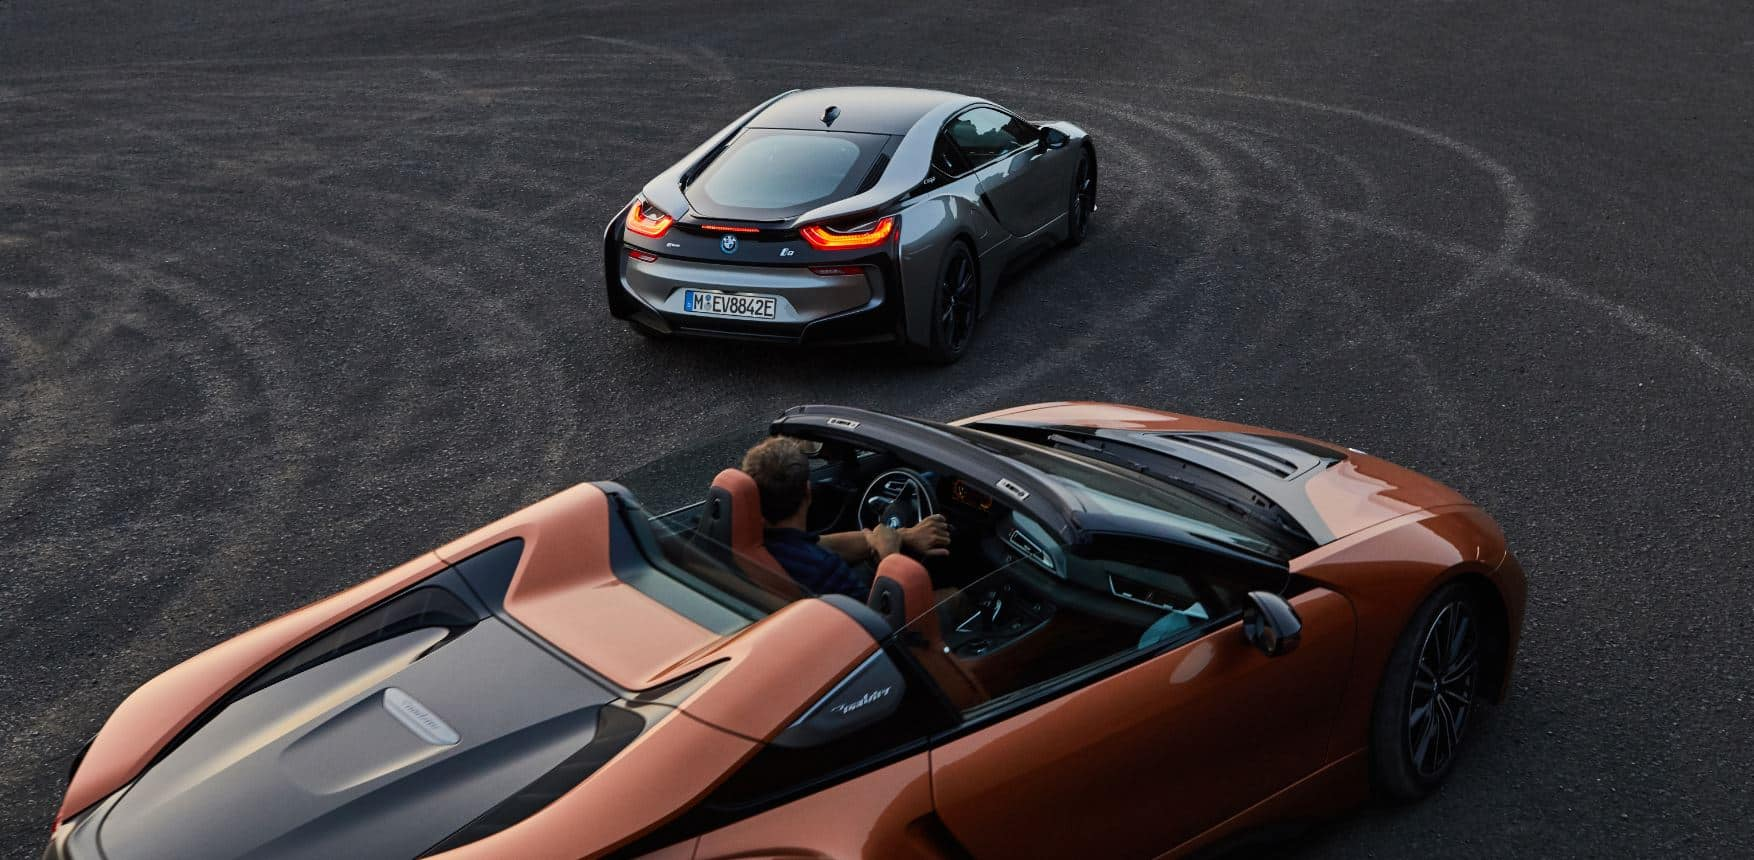 Oficial! Así es el BMW i8 Roadster: Fibra de carbono, aluminio y ...